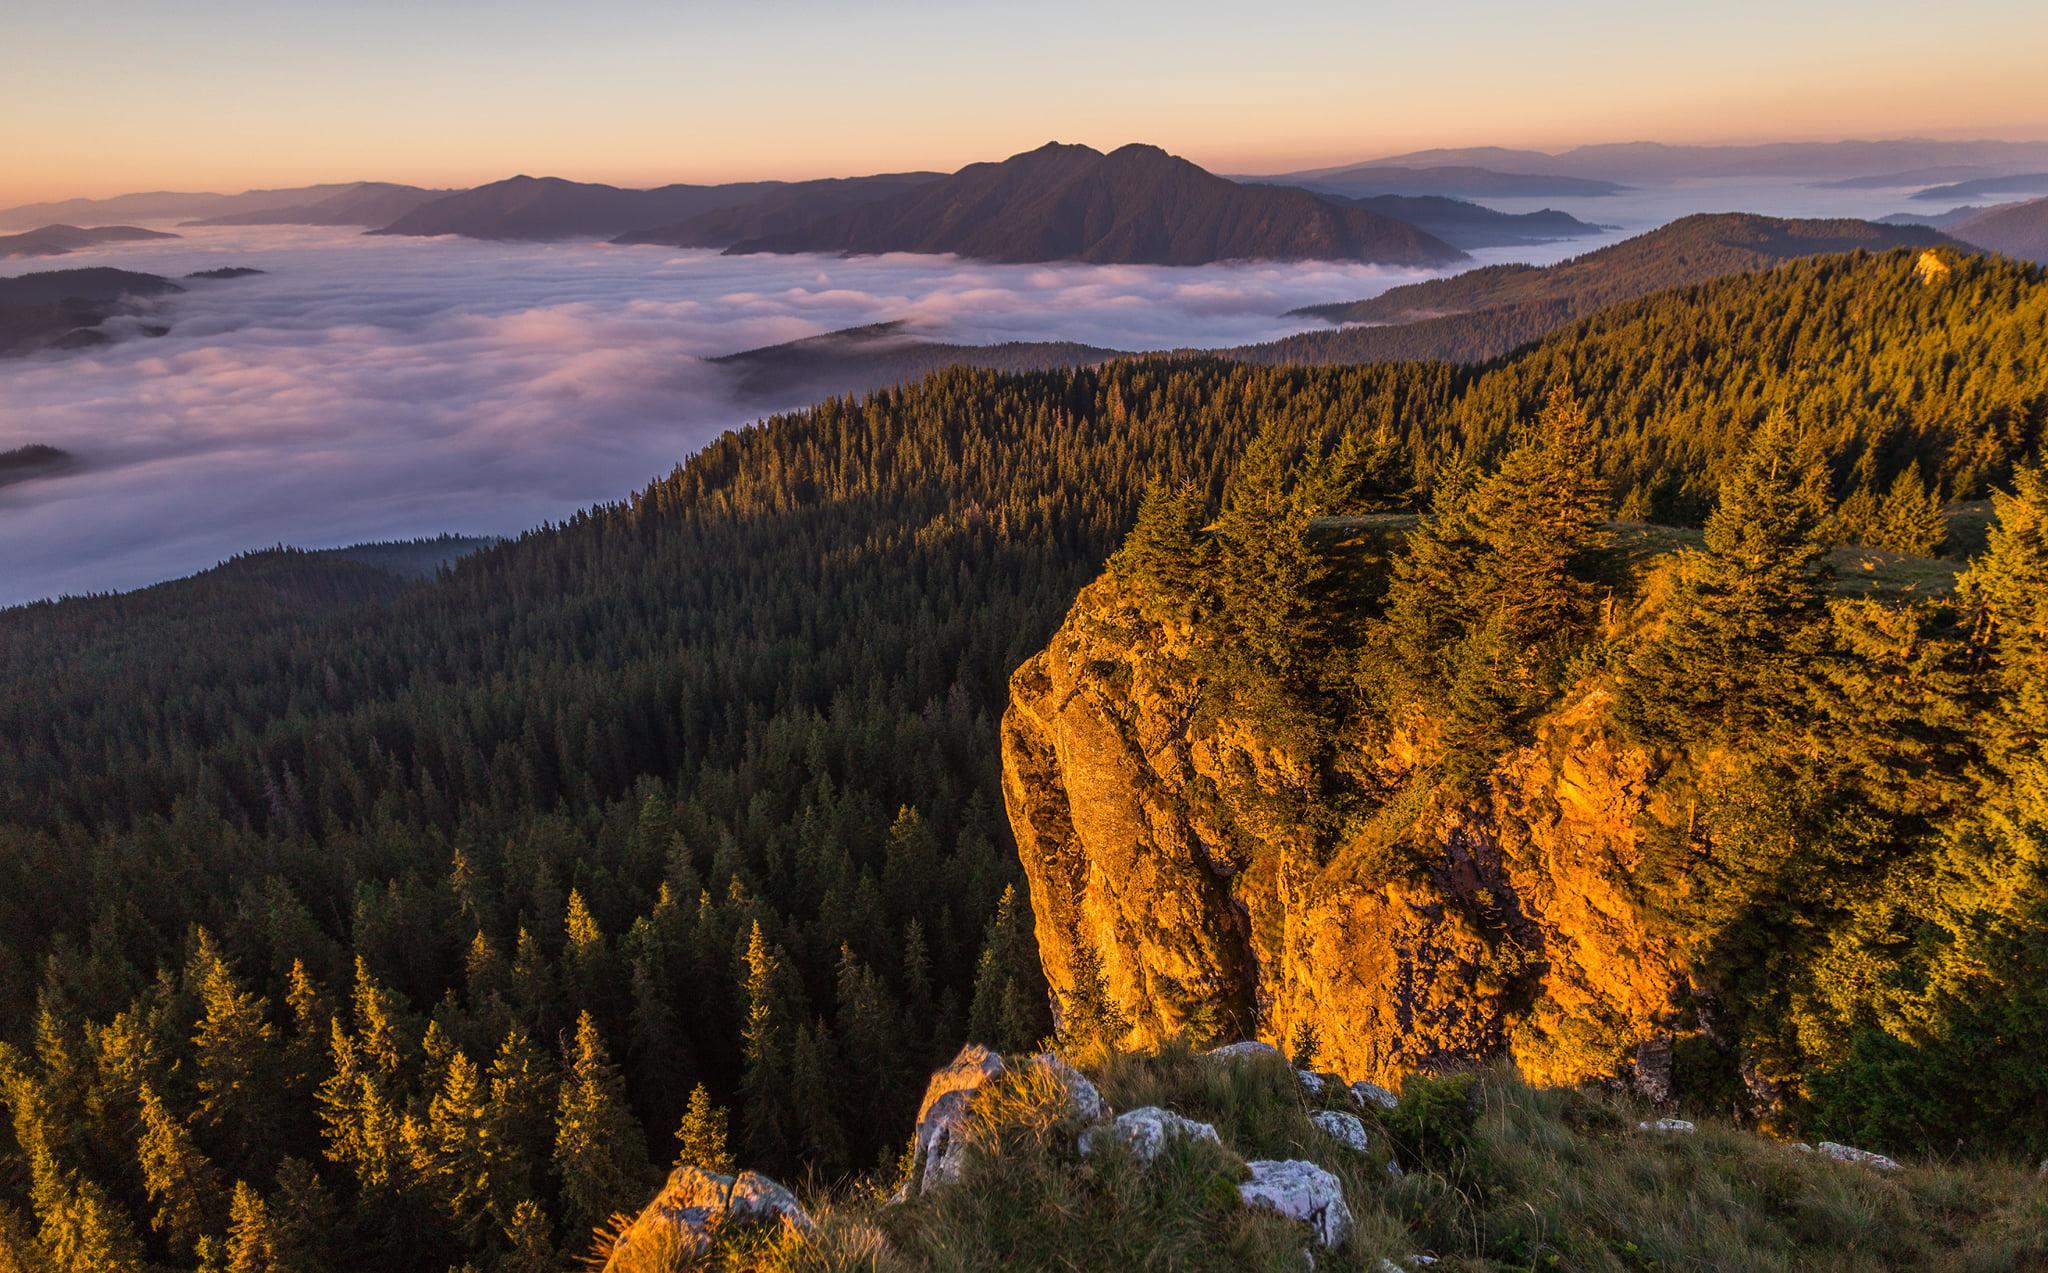 Păduri din Bucovina. Foto Cătălin Urdoi